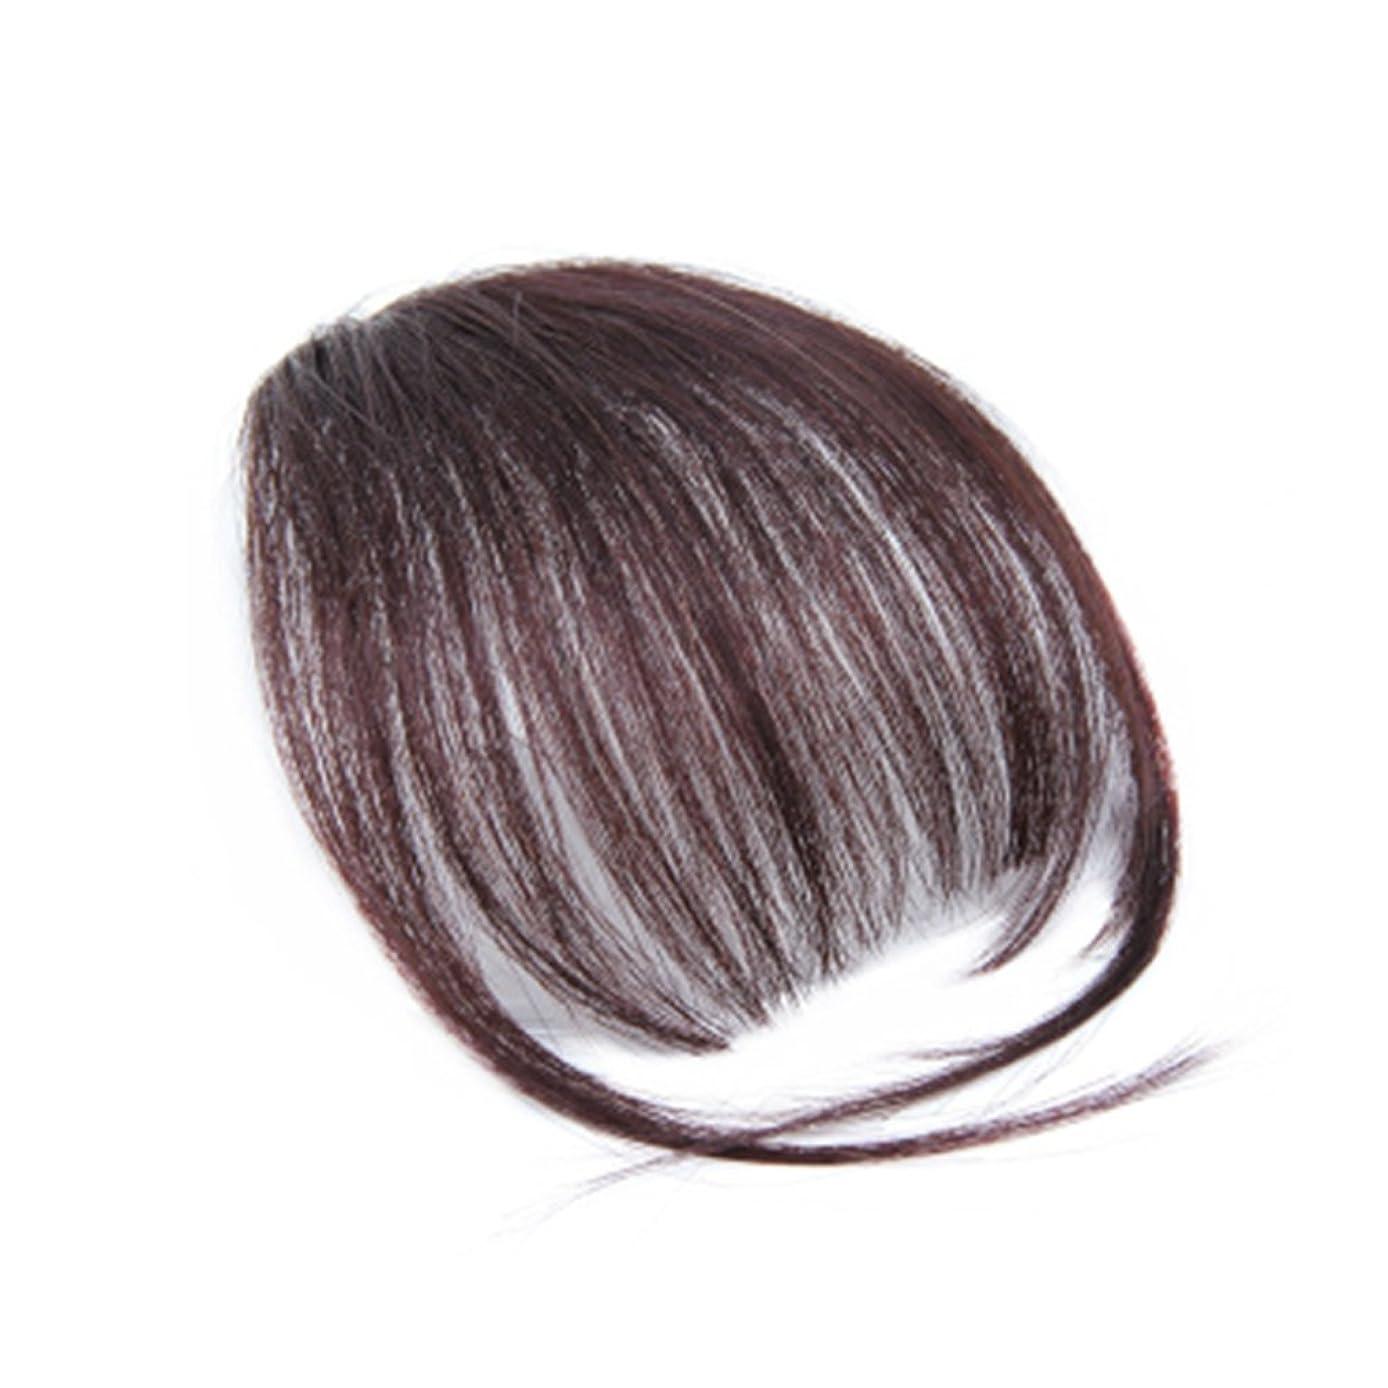 状ビュッフェ取得するSUPVOX 寺院の天然の本物の人間の髪の平らな前髪/フリンジの手の結び目前髪クリップインヘアエクステンション(ダークブラウン)